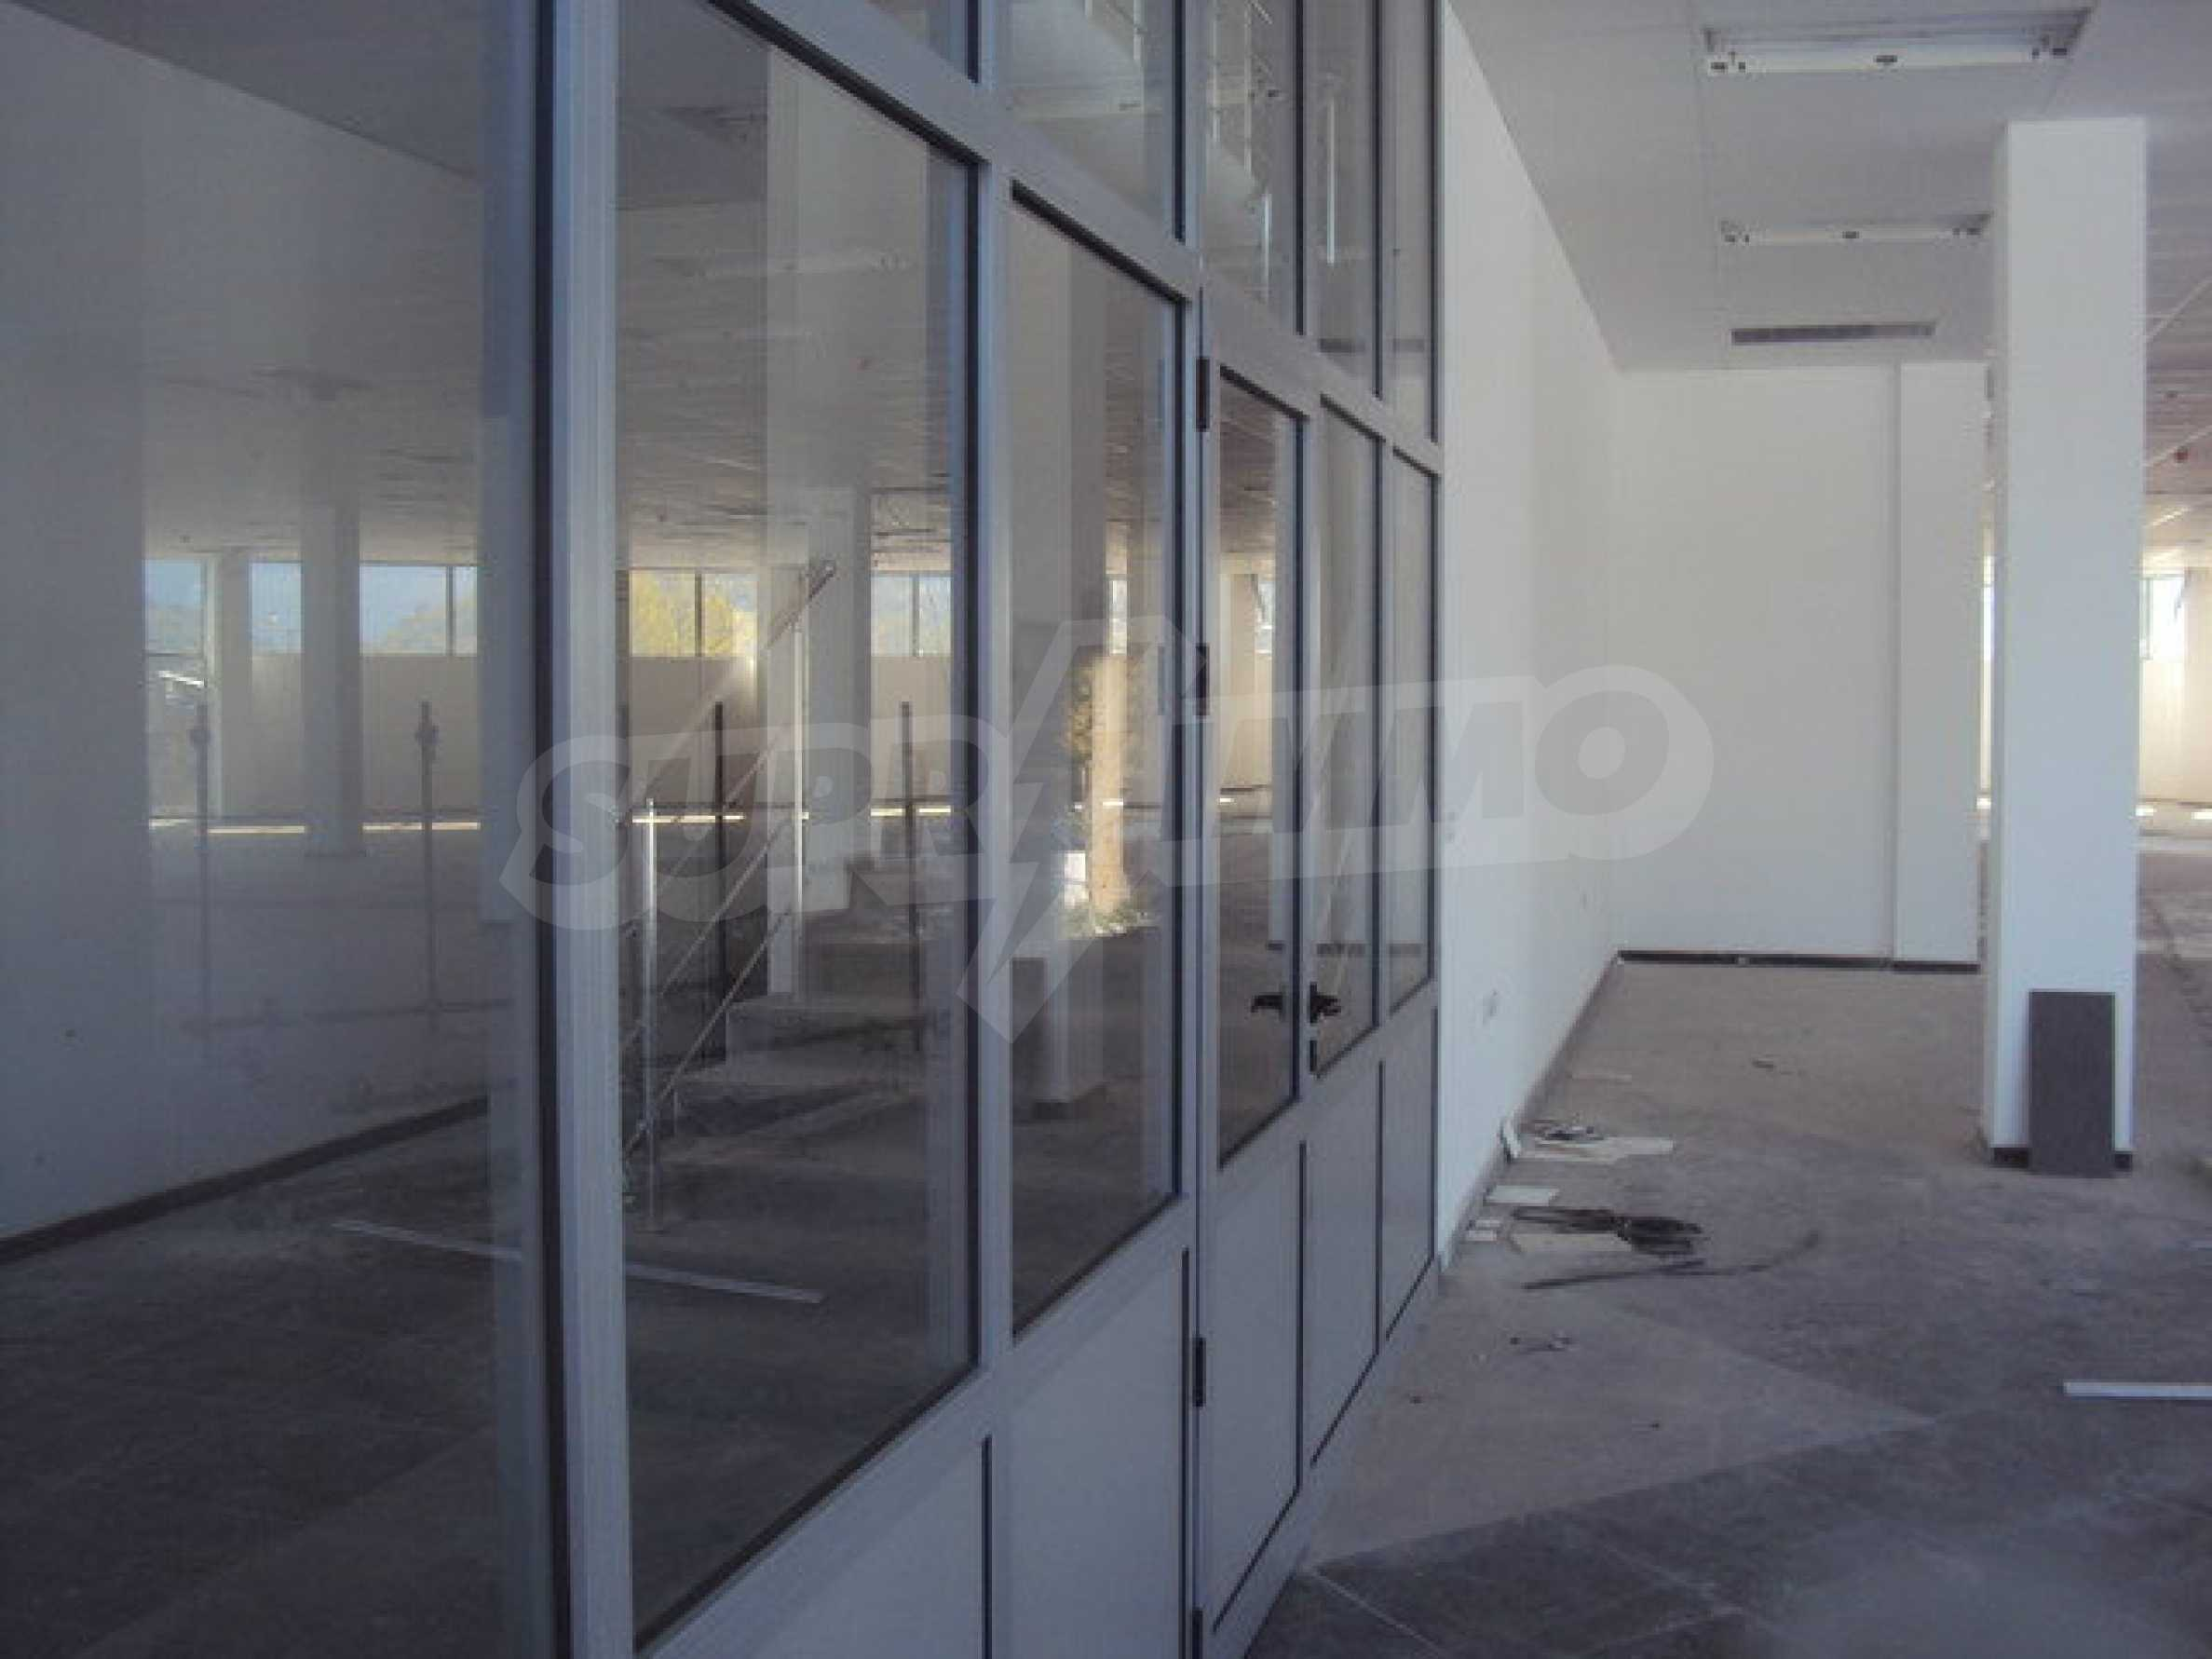 Komplex mit Geschäften, Lagern und Büros 26